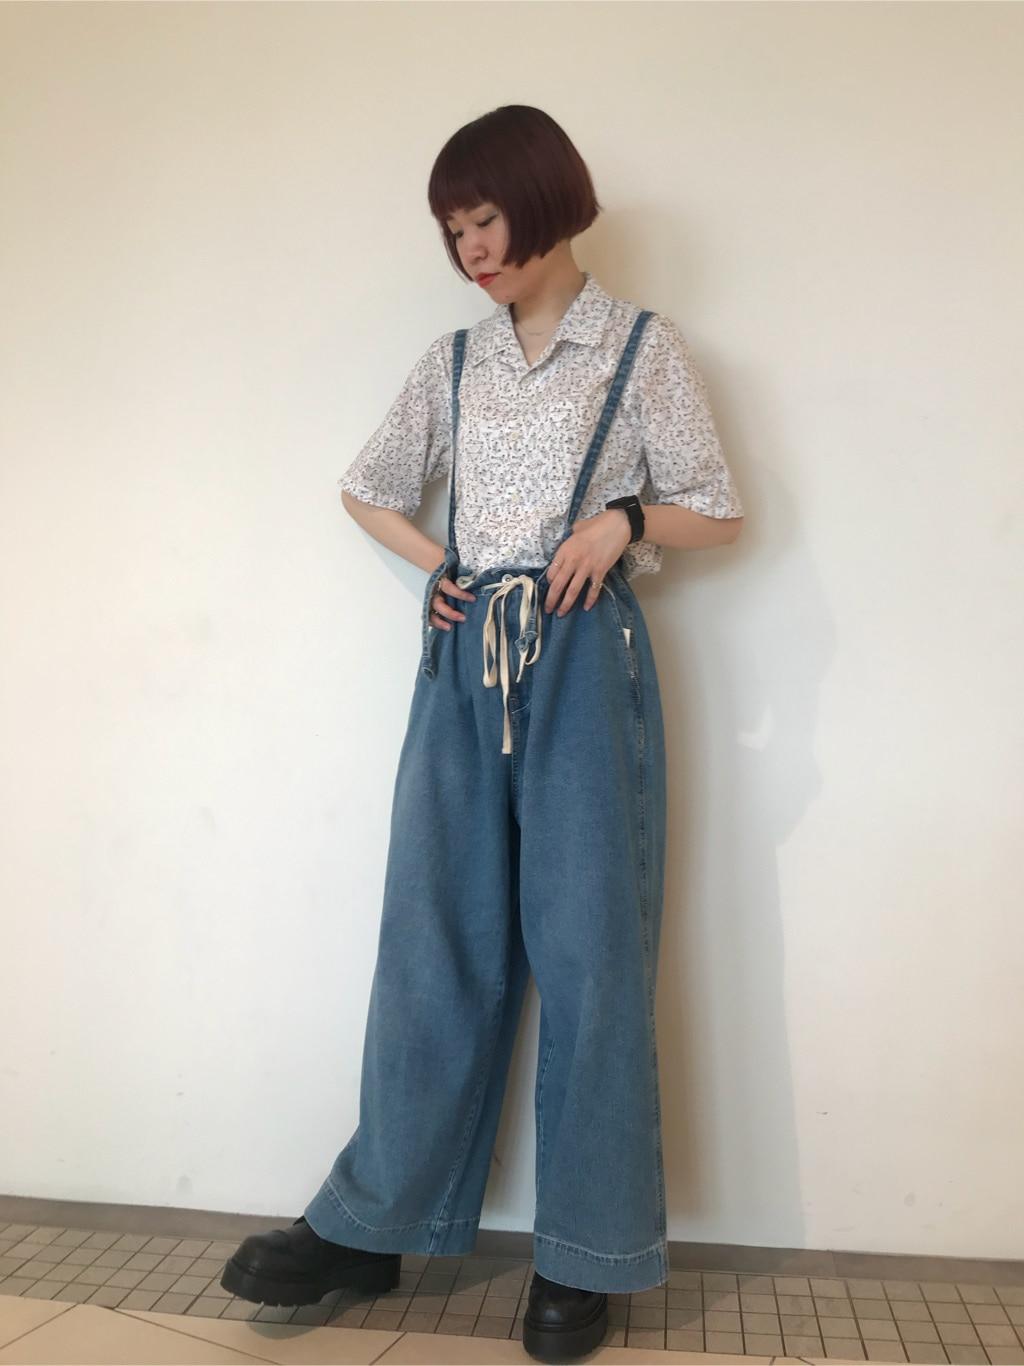 l'atelier du savon 東京スカイツリータウン・ソラマチ 身長:162cm 2020.06.09